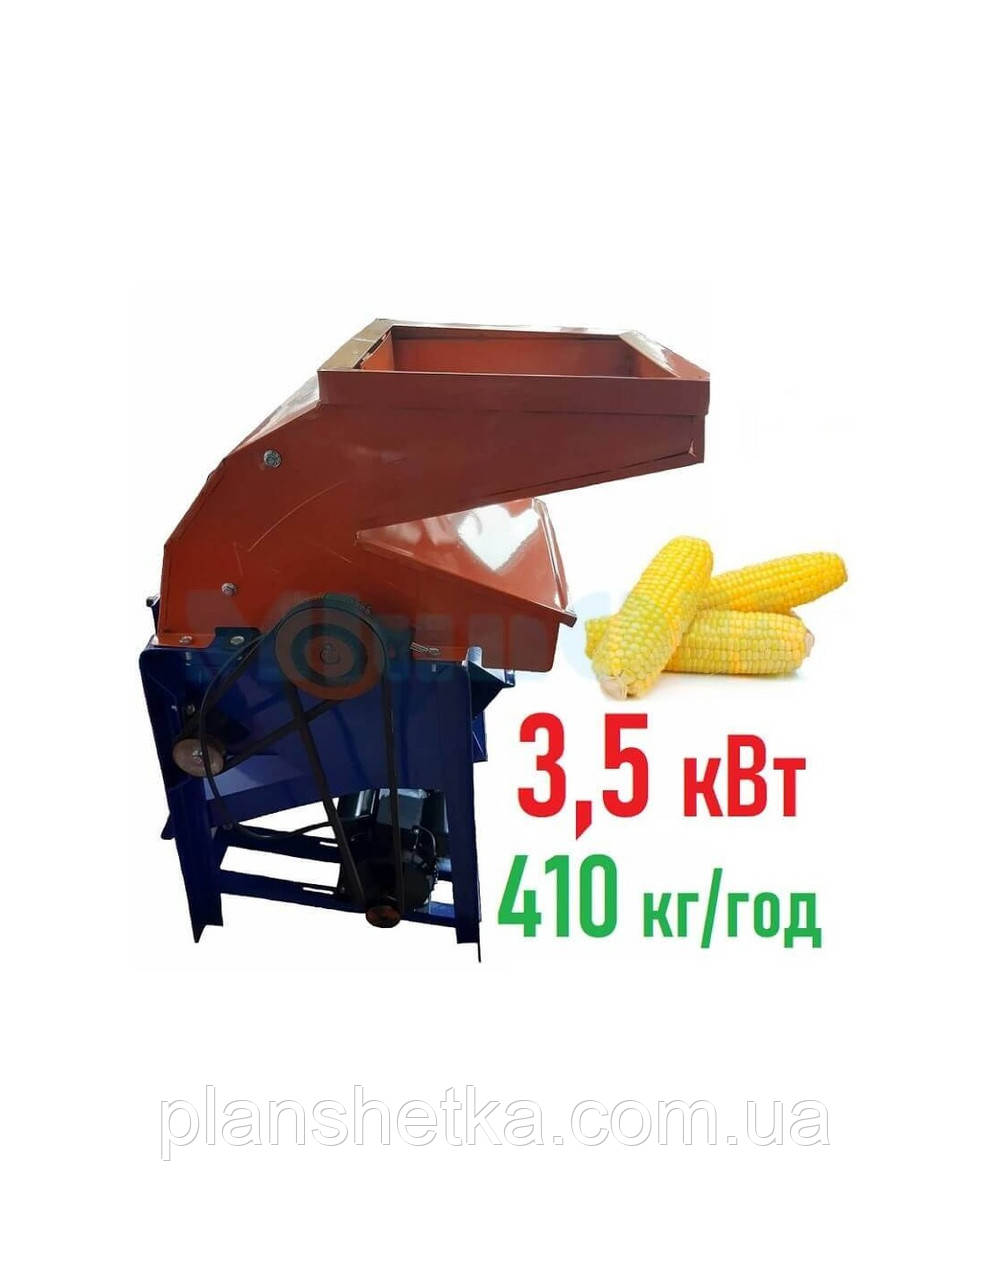 Кукурузолущилка електрична лущилка кукурудзи DY-005 (3,5 квт, 410 кг/год)